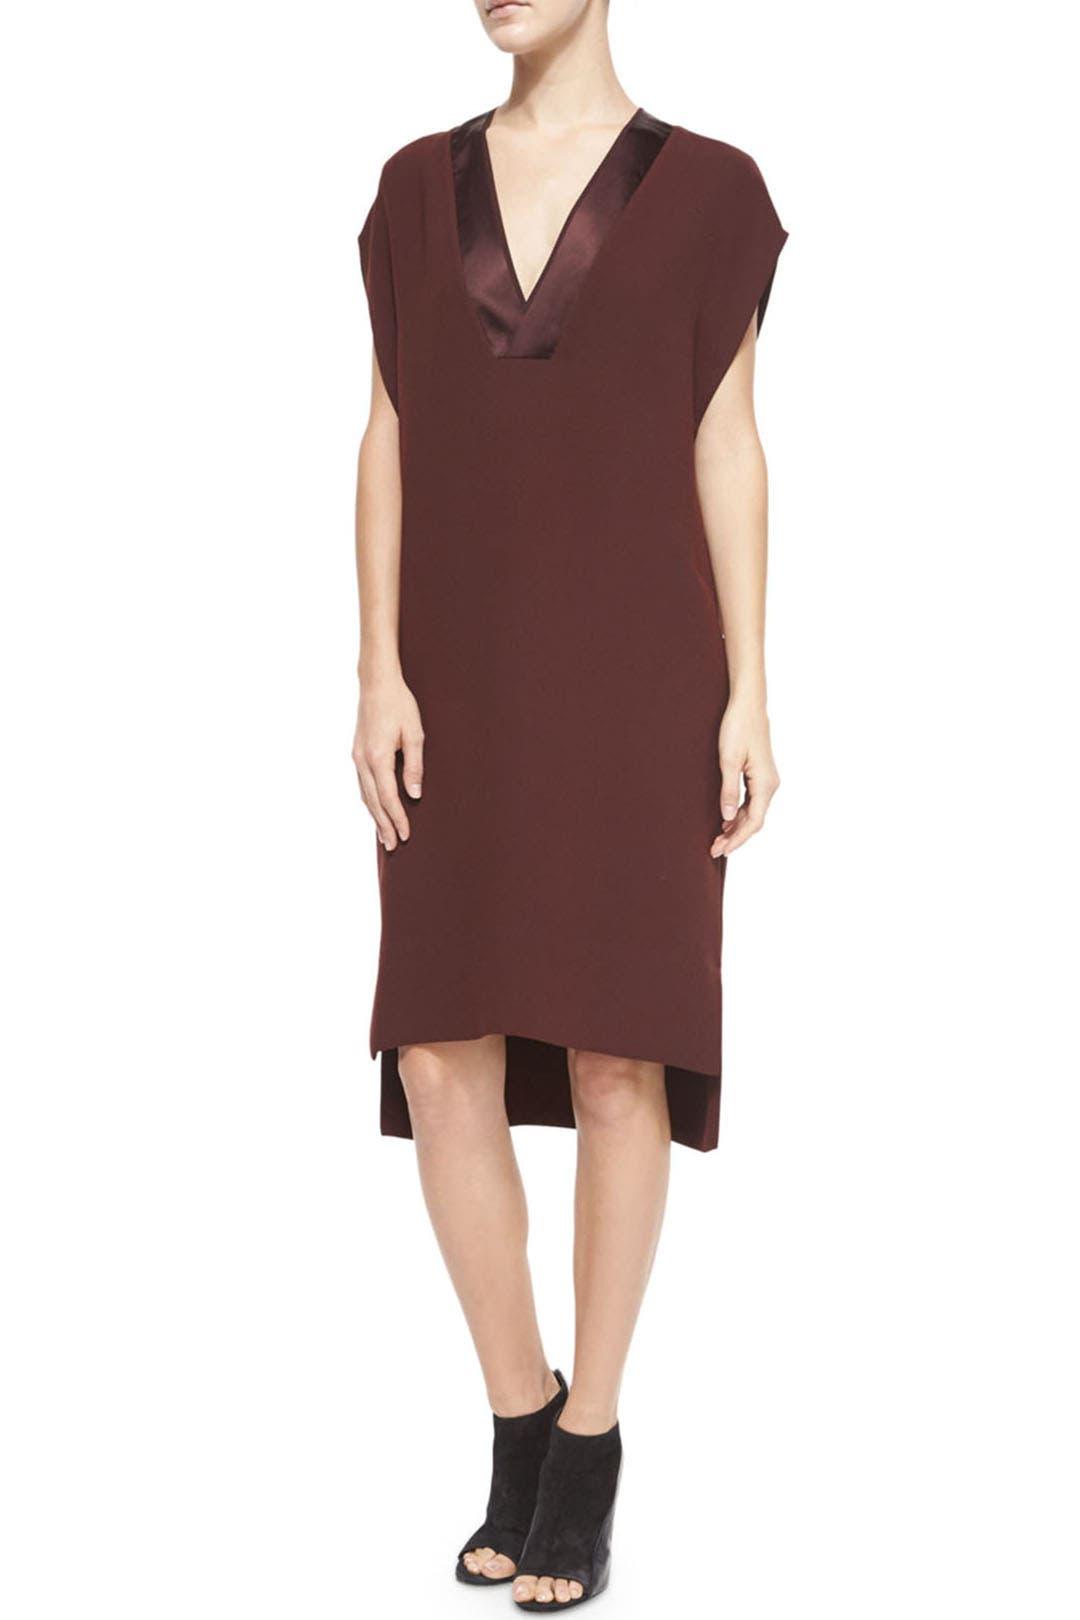 burgundy sheen trim dress by vince for 70 rent the runway. Black Bedroom Furniture Sets. Home Design Ideas